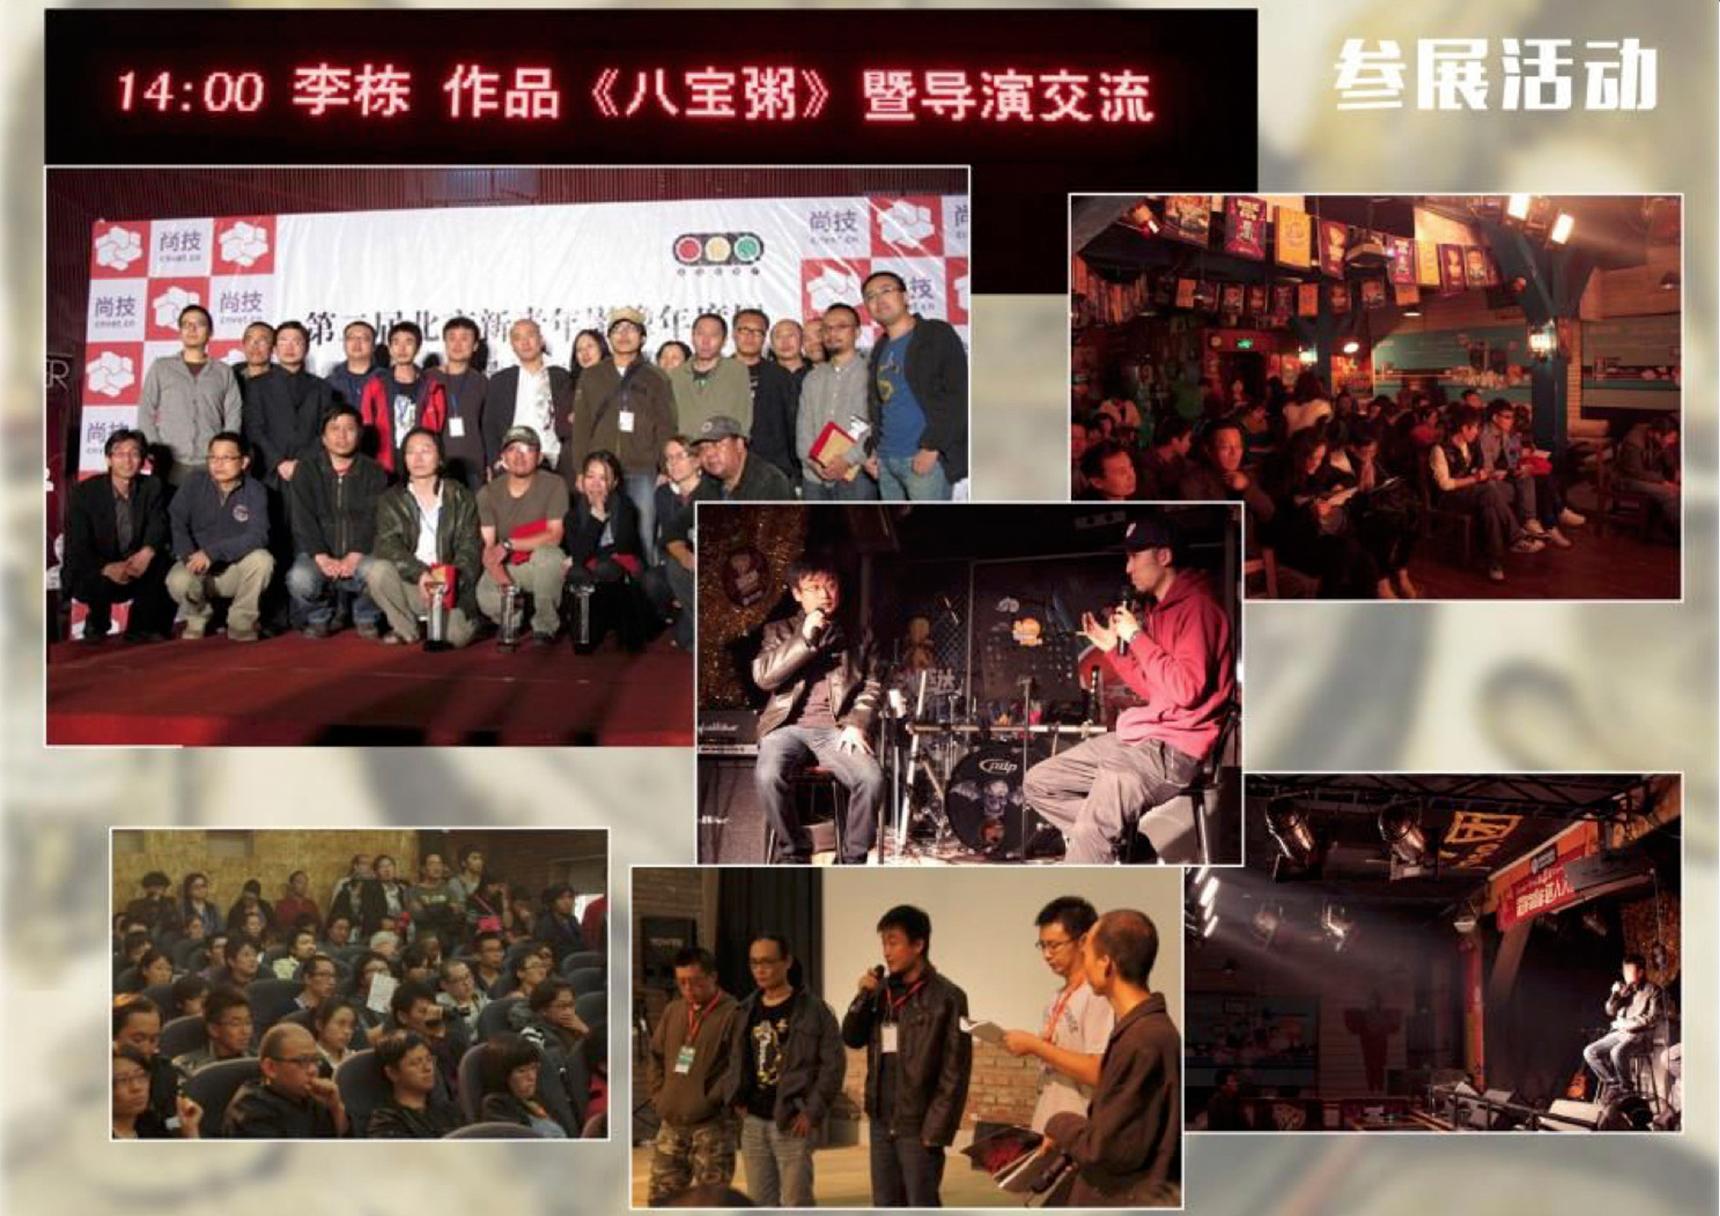 团队应邀参与国内外各大影展和学术交流.jpg